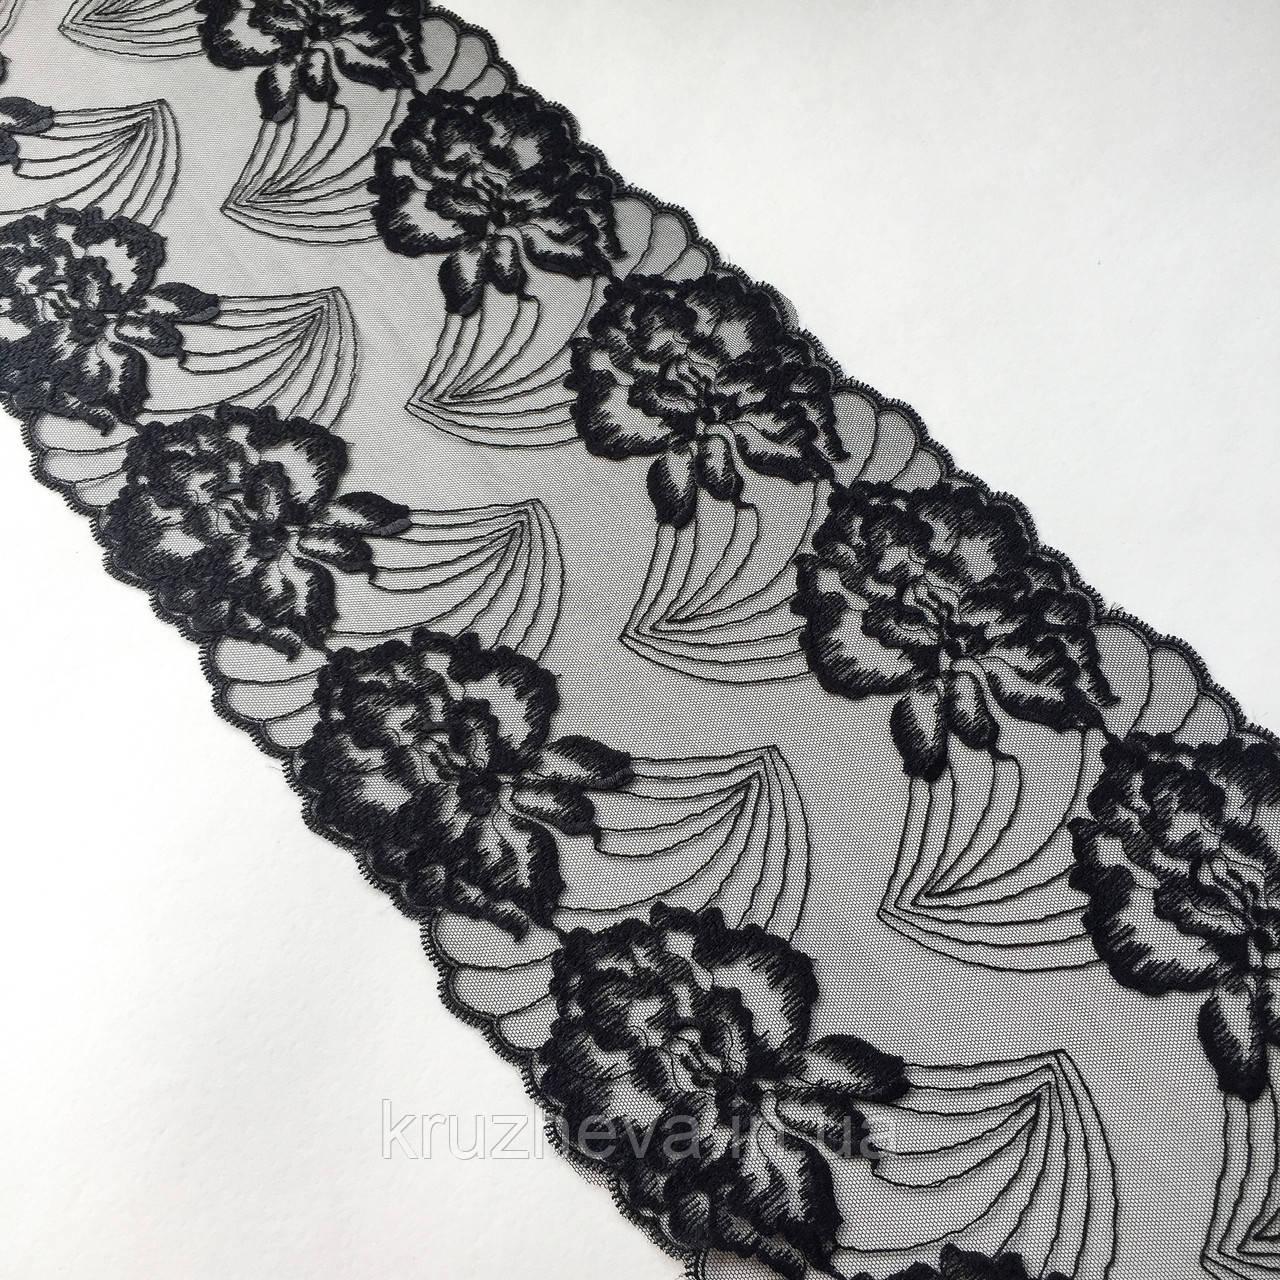 Ажурне мереживо, вишивка на сітці: чорного кольору нитка, чорного кольору сітка, ширина 22 см